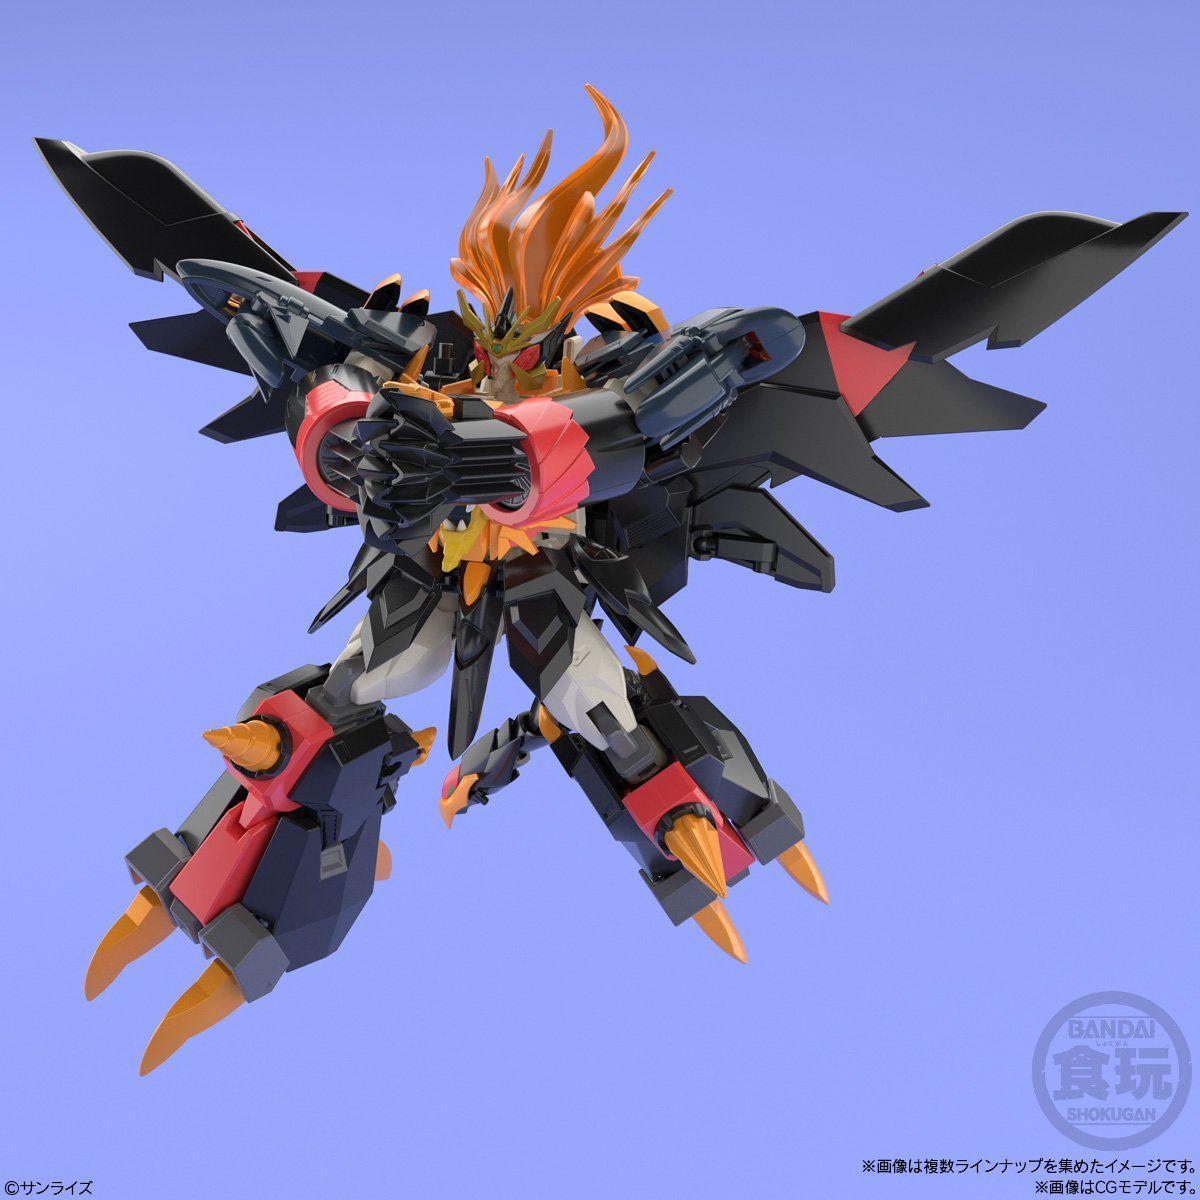 スーパーミニプラ 勇者王ガオガイガー6 4個入りBOX